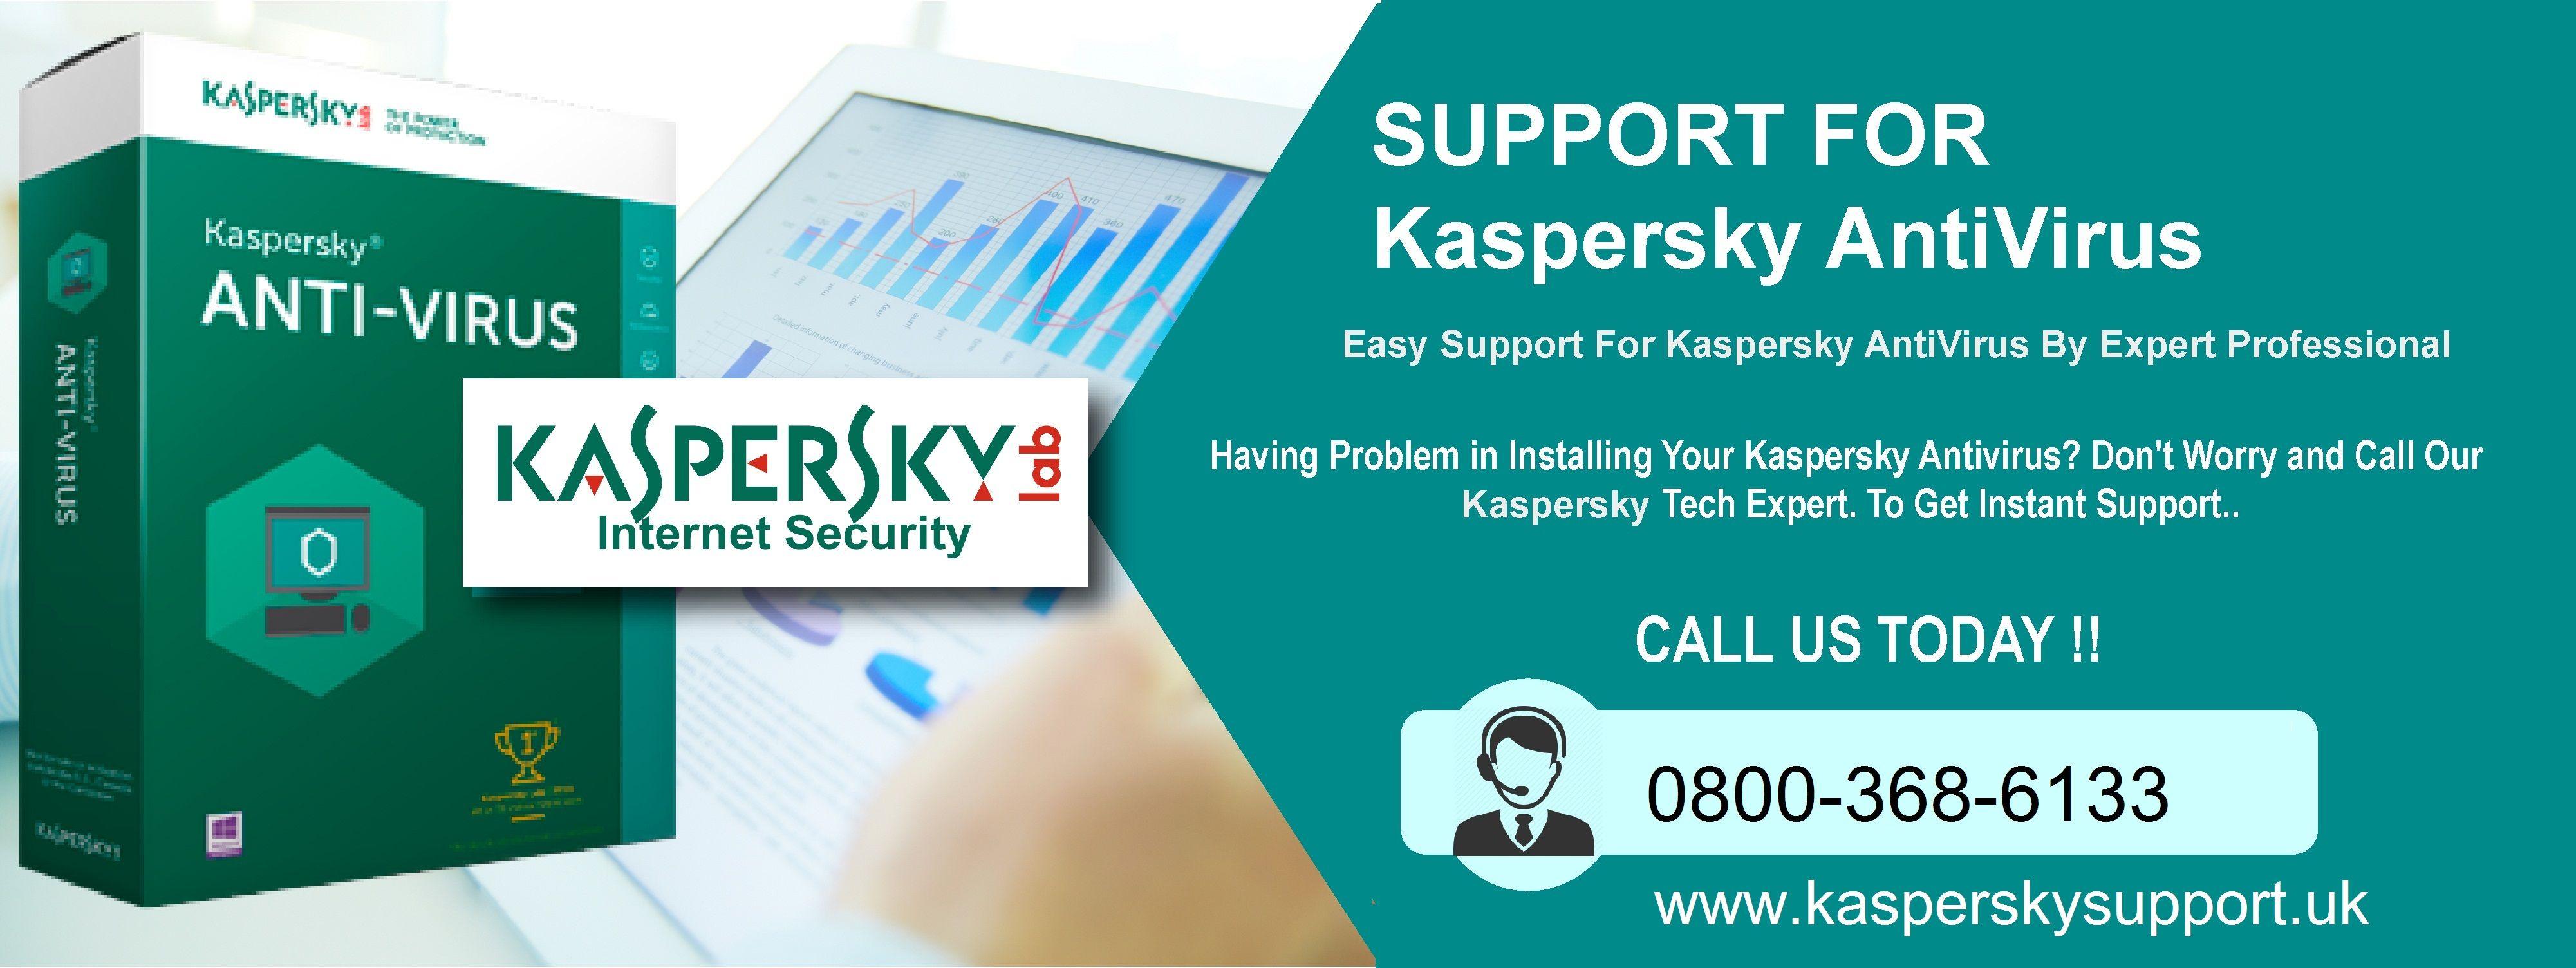 Kaspersky helpline